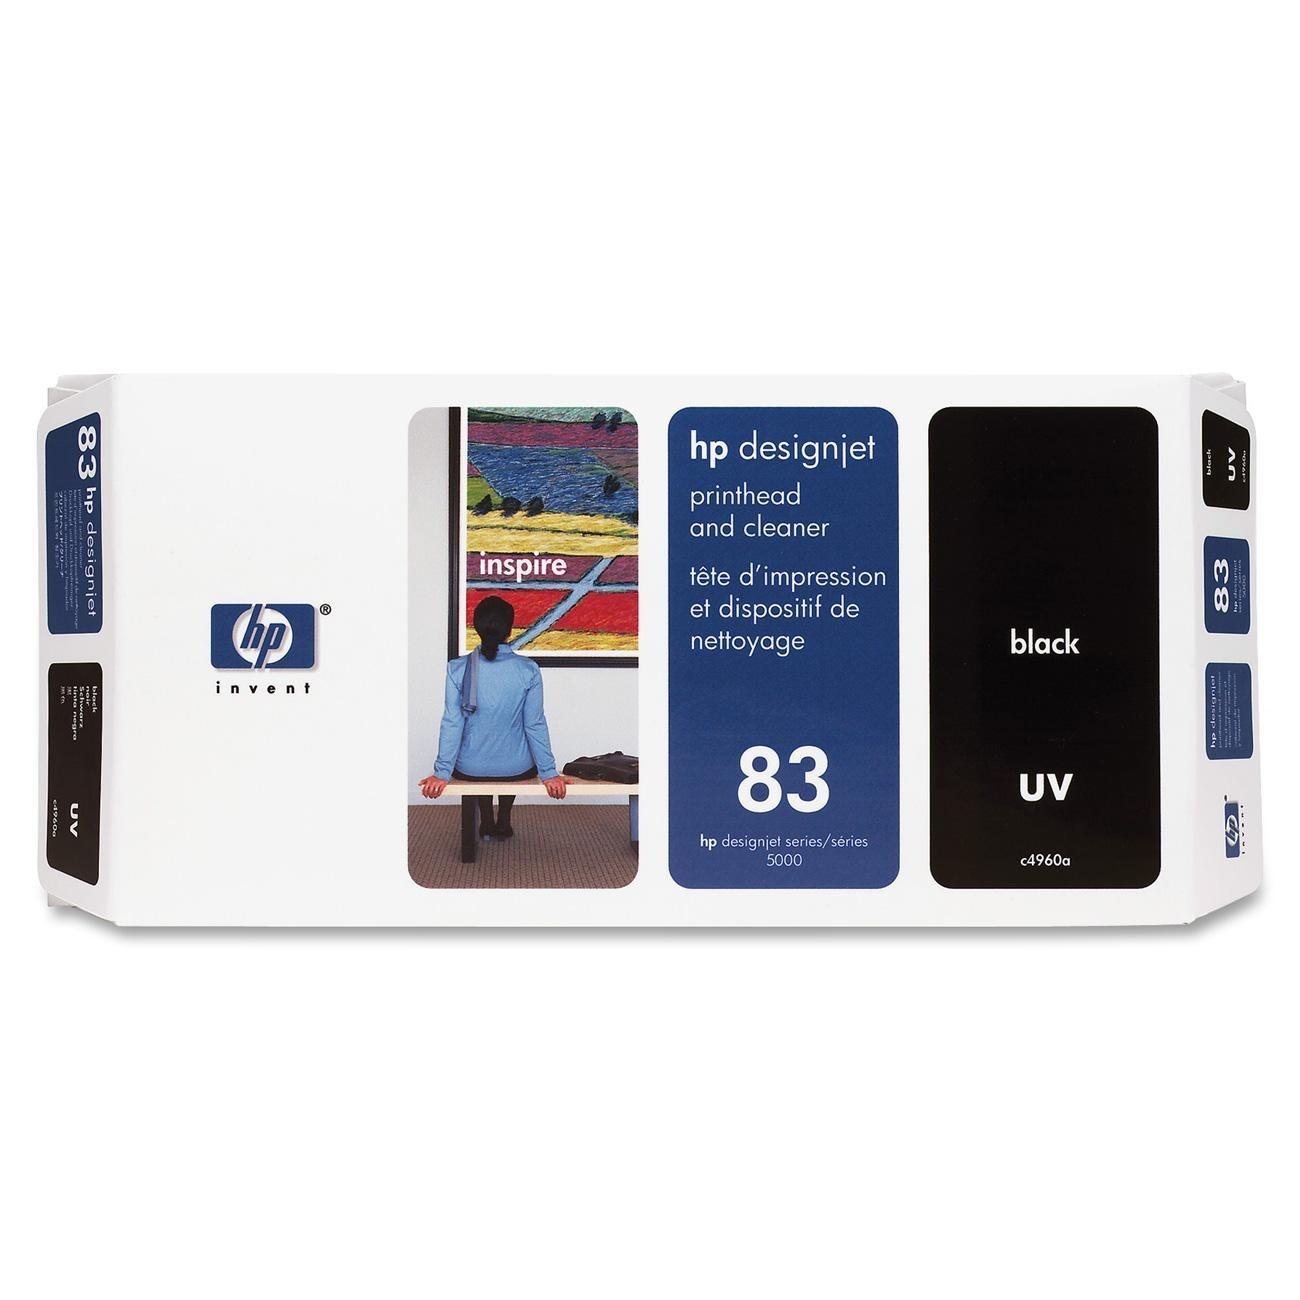 Cabeca de Impressao e Limpeza UV (C4960A) Nº83 Preto